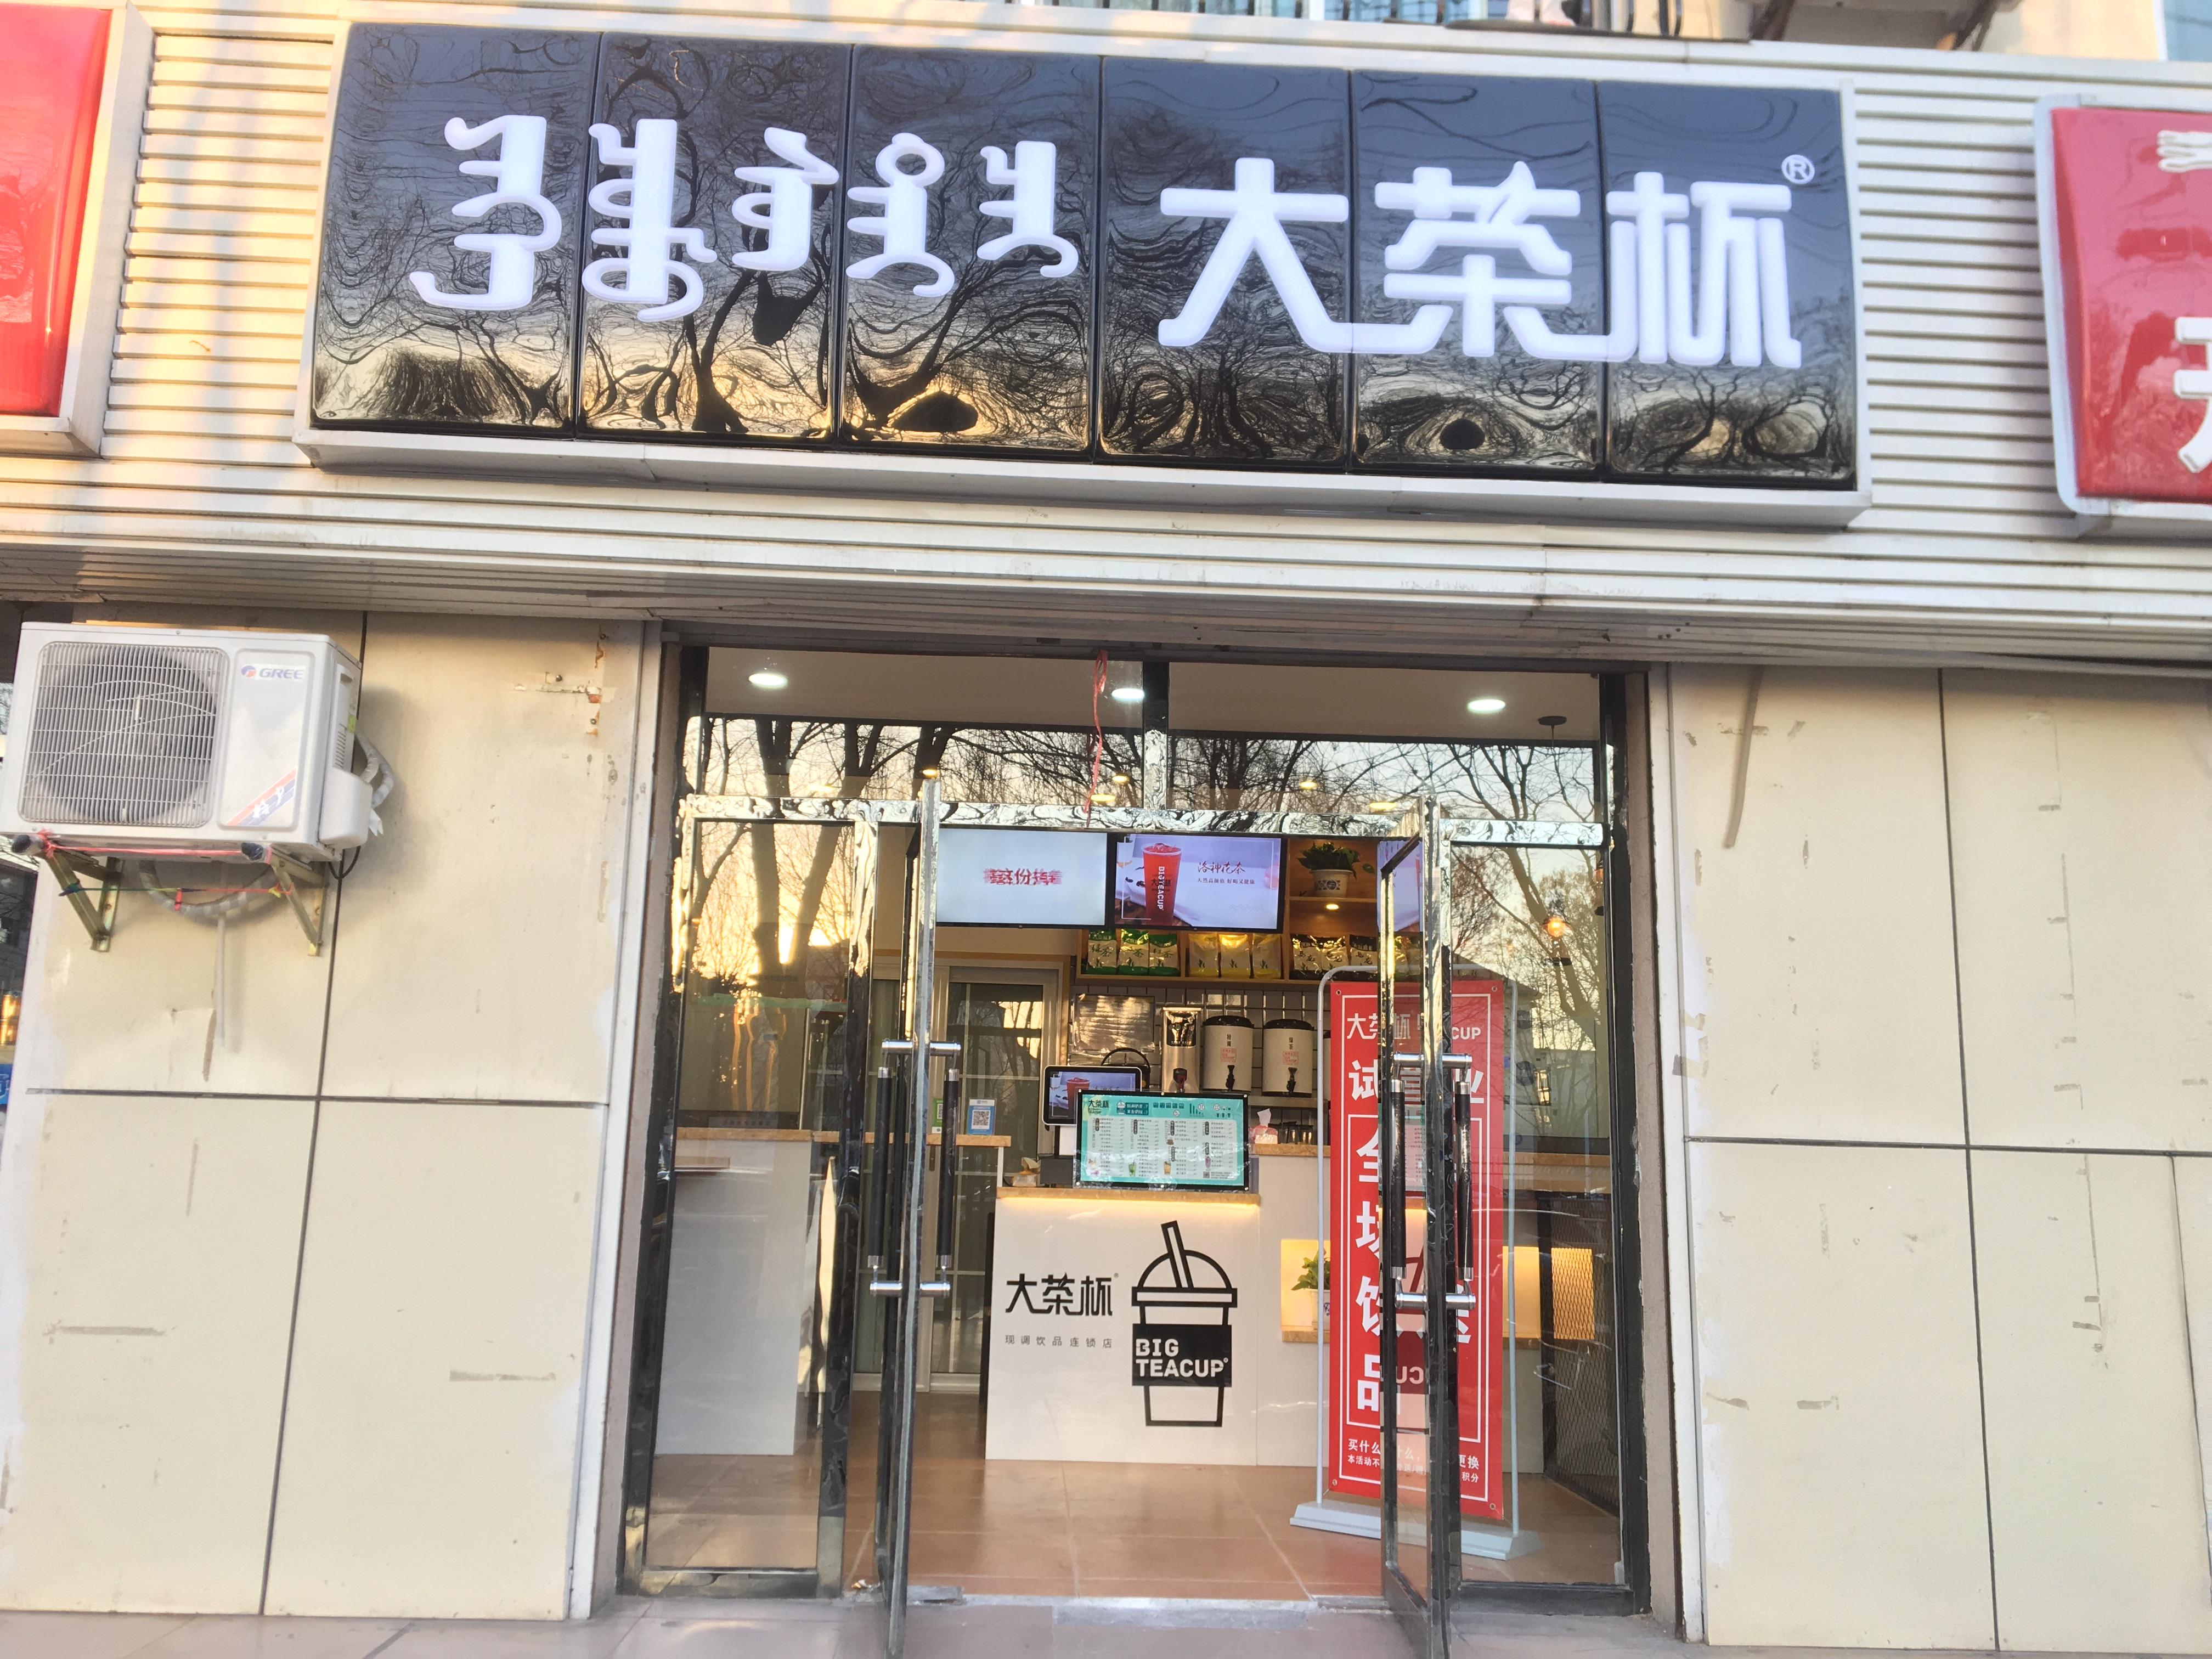 内蒙古农业大学西校区店